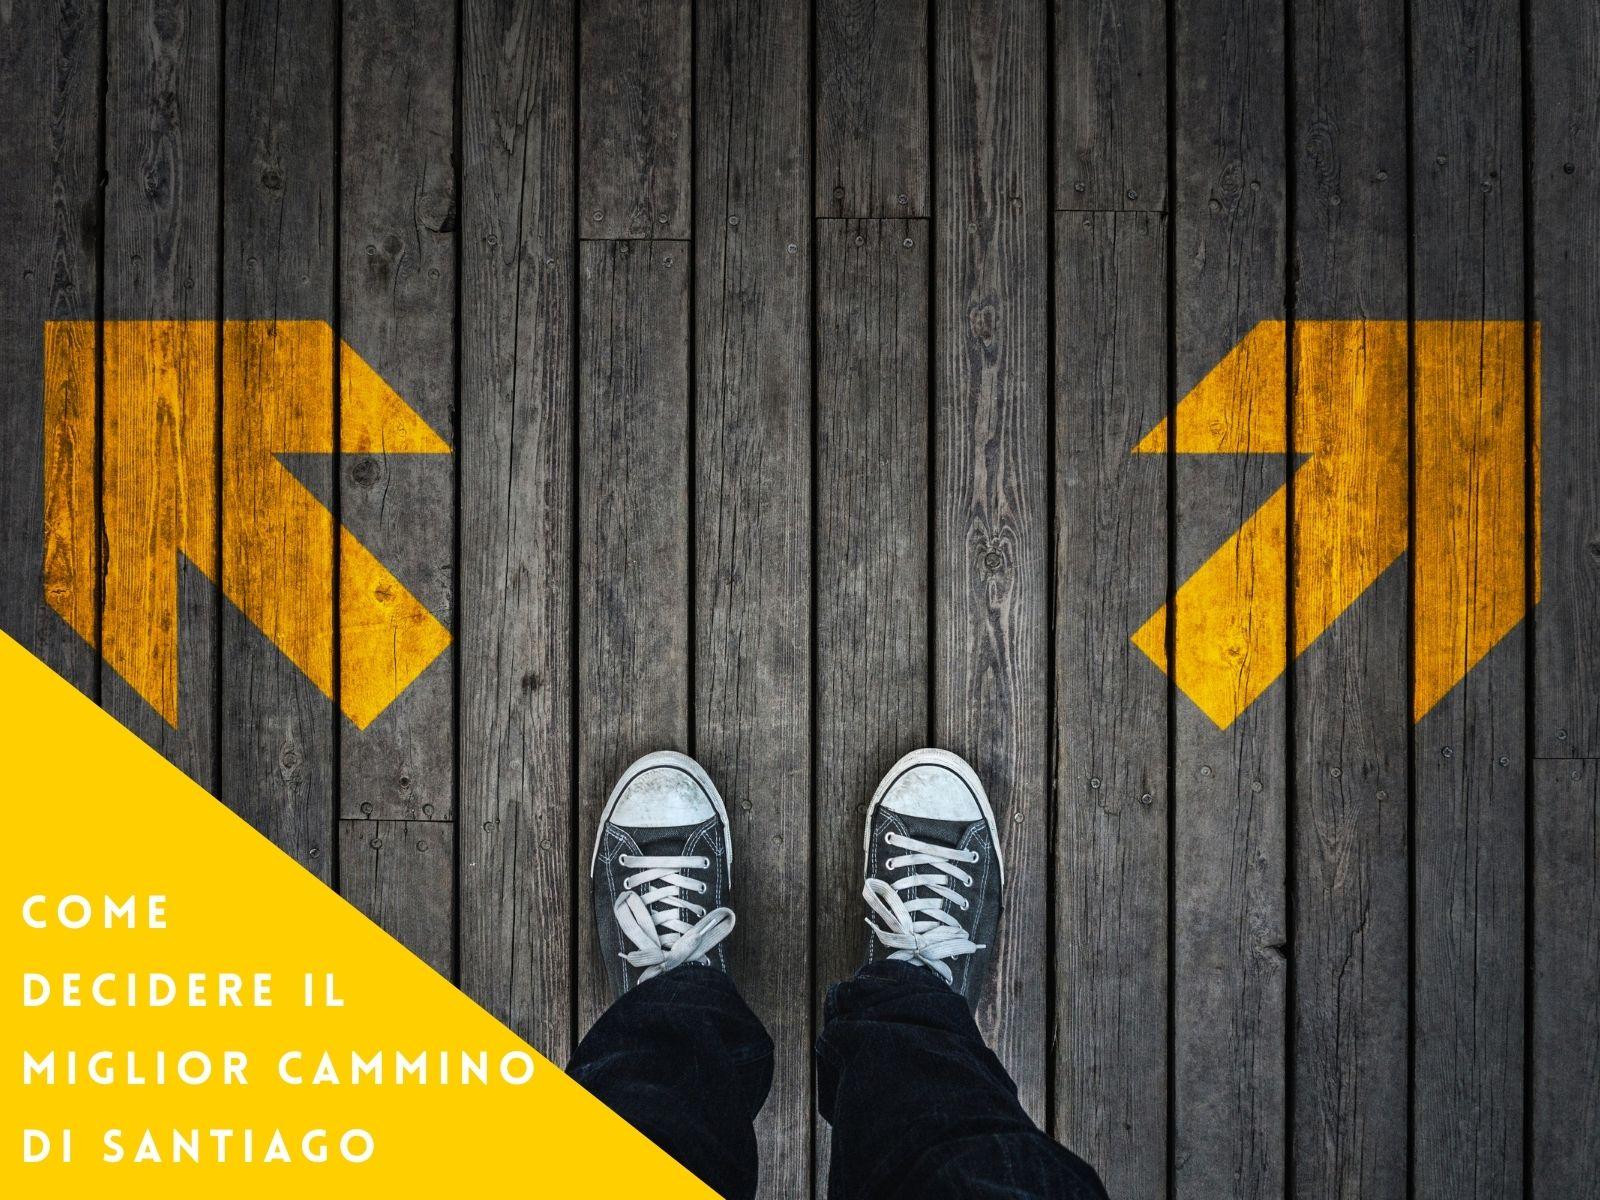 Come decidere il miglior Cammino di Santiago per te